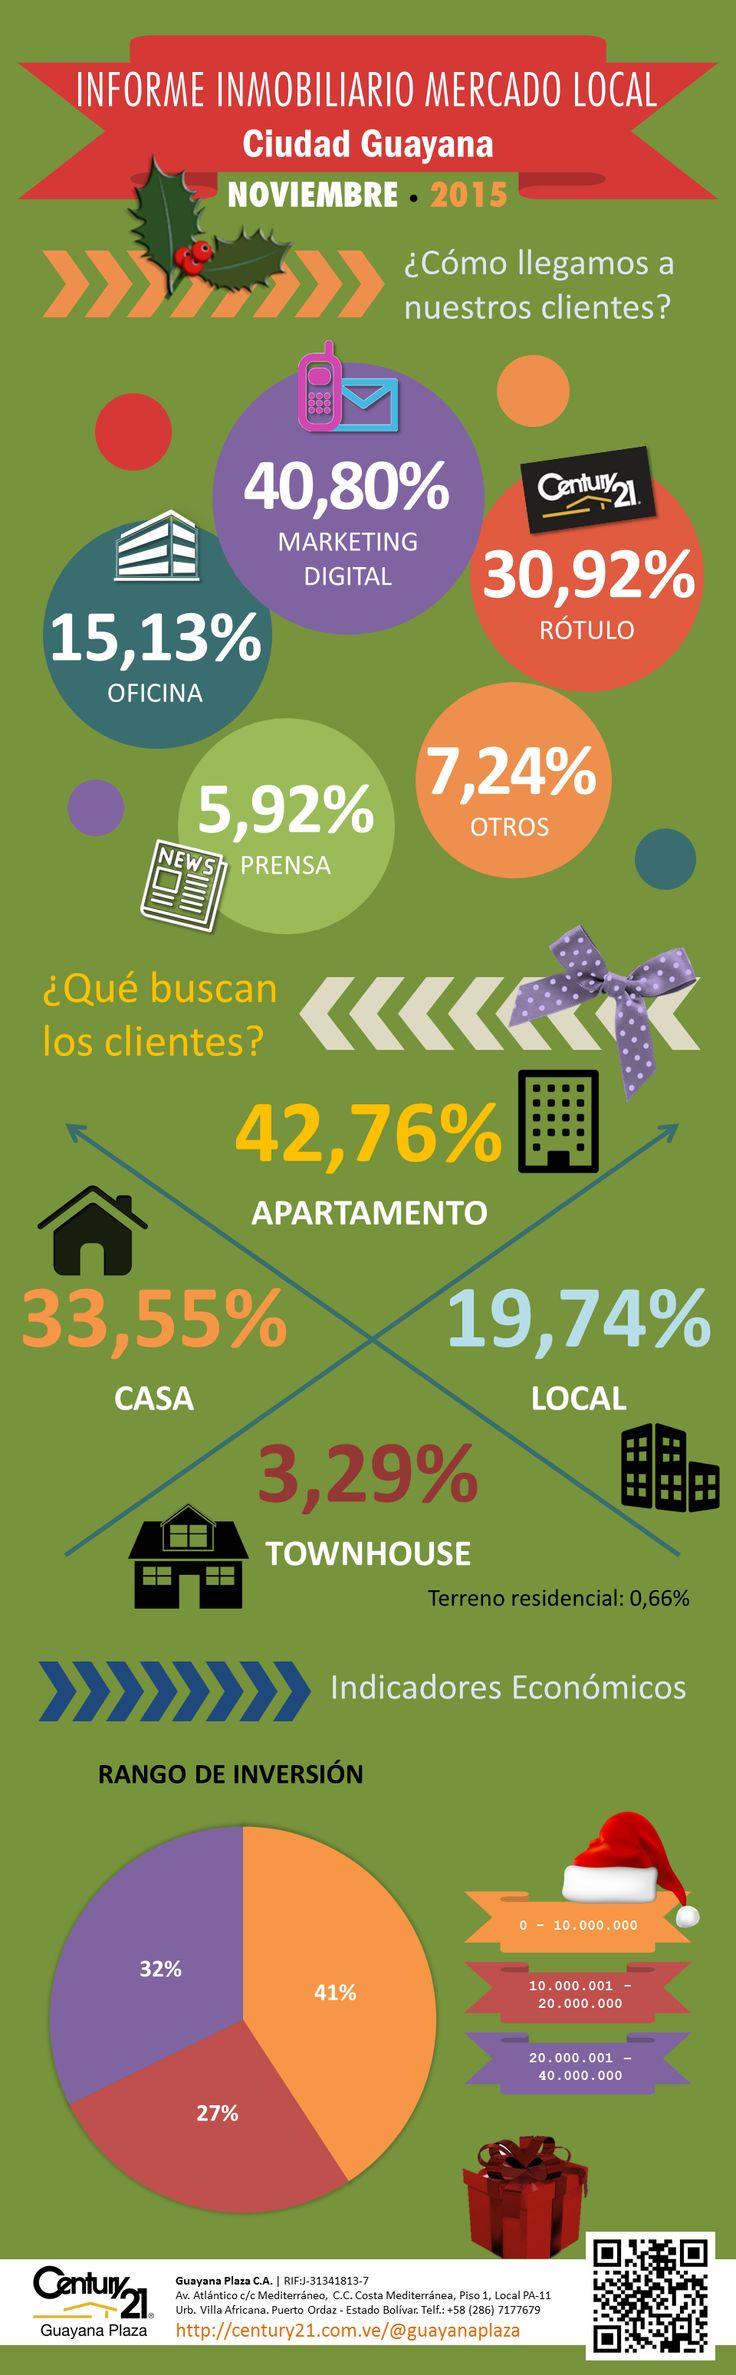 """INFORME INMOBILIARIO MERCADO LOCAL Ciudad Guayana - NOVIEMBRE - 2015 Ver editorial """"Escenario Económico General del País"""" en Google+: https://plus.google.com/u/0/b/100773989167117521317/collection/U-43CB  y en Facebook: https://www.facebook.com/GuayanaPlazaC21/notes"""